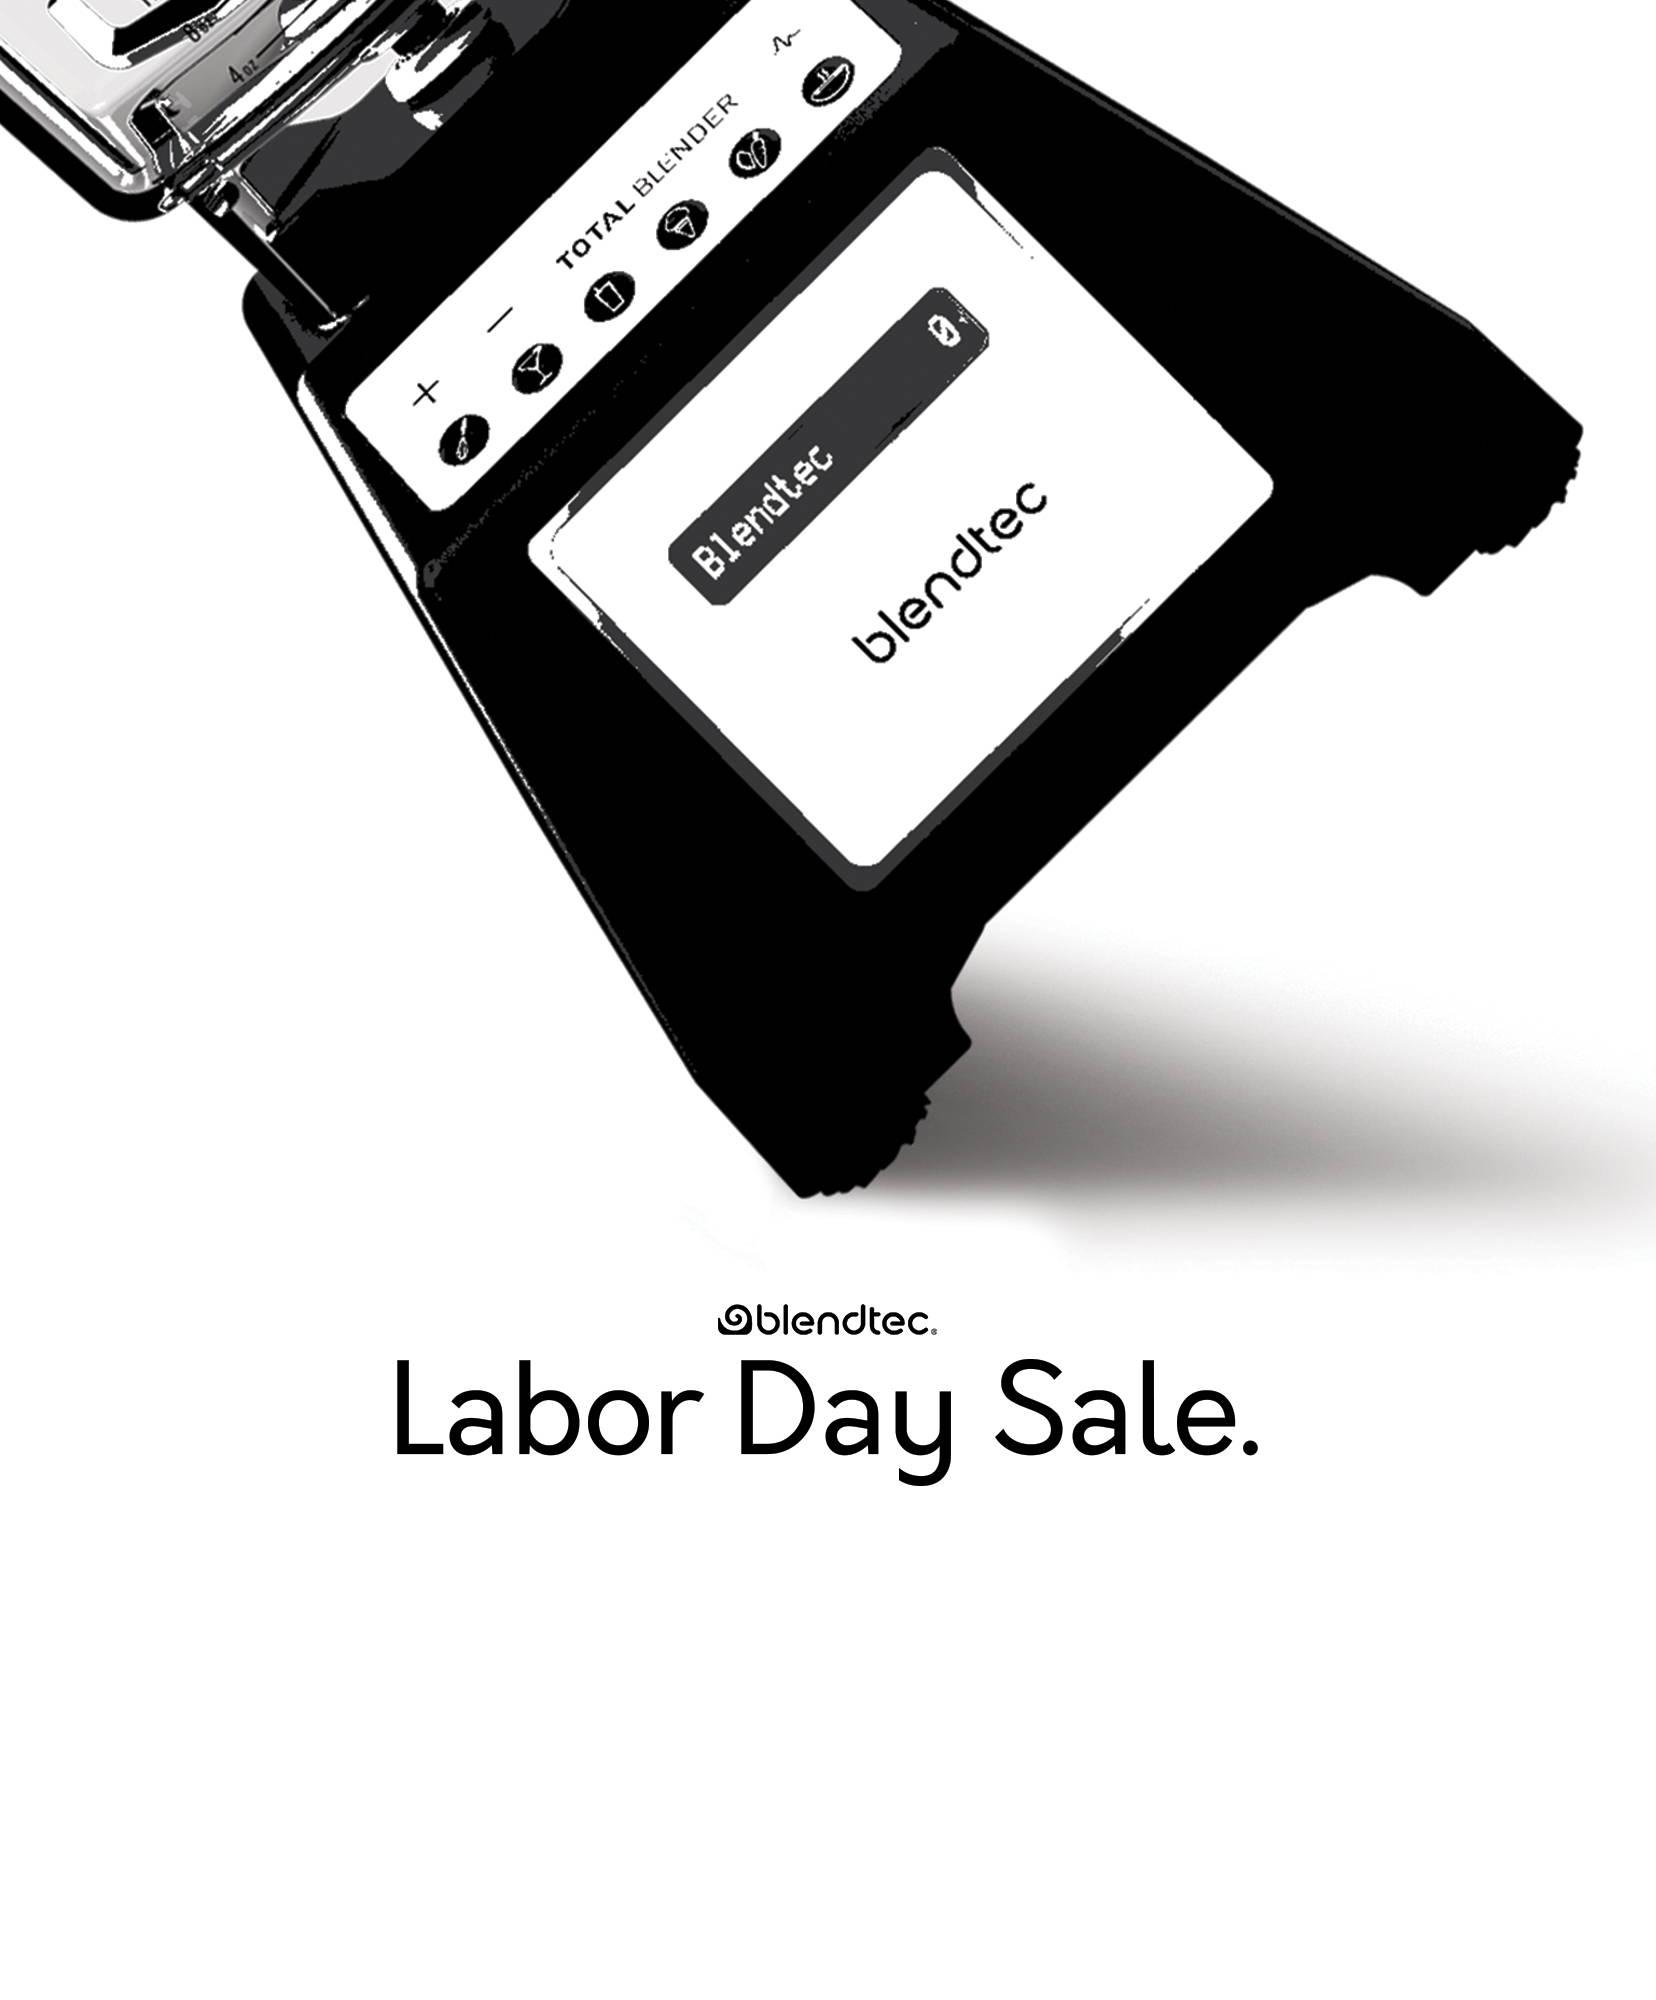 Total Blender Labor Day Sale